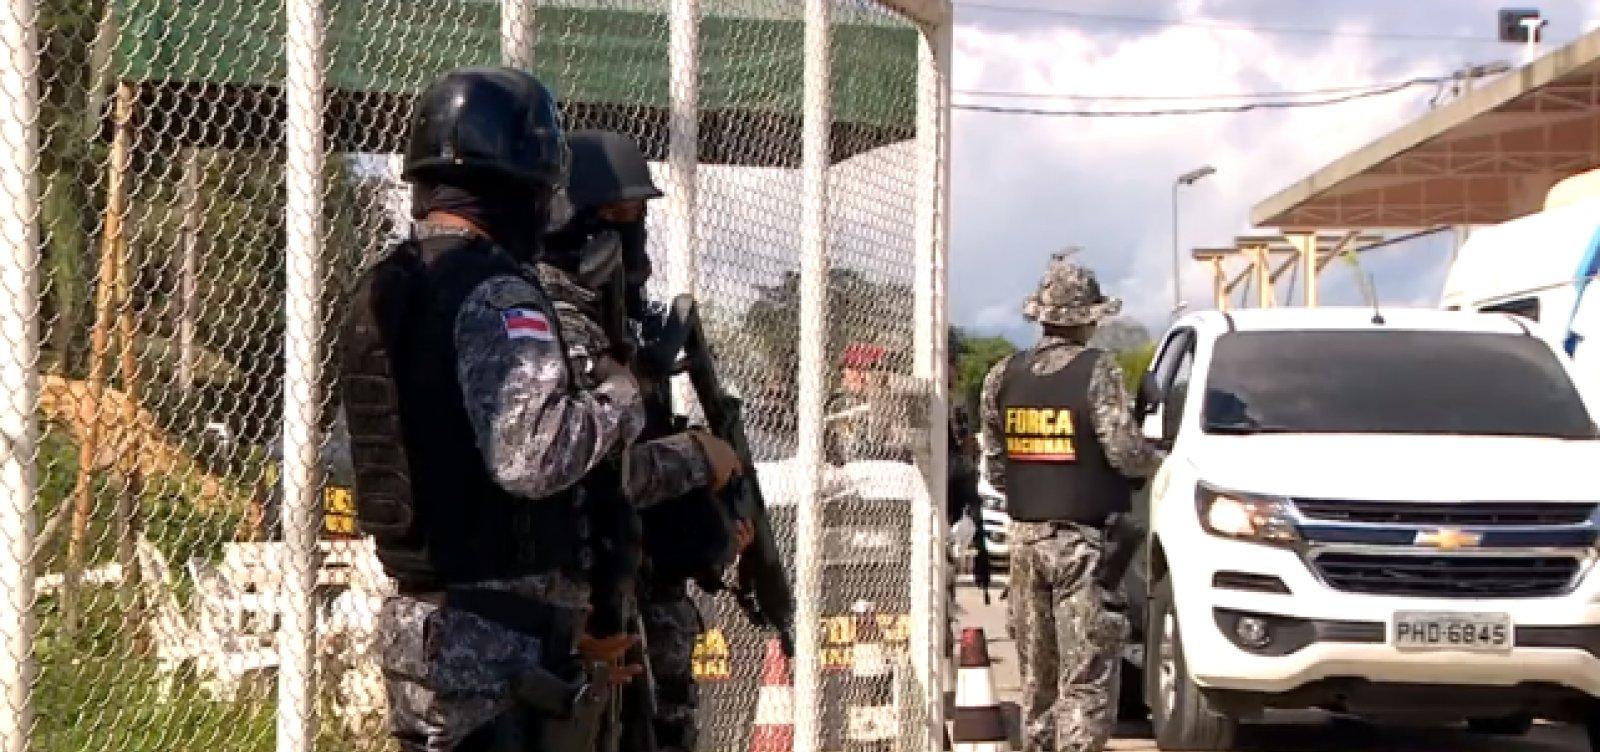 Força-Tarefa de Intervenção Penitenciária atuará no Amazonas após mortes de detentos